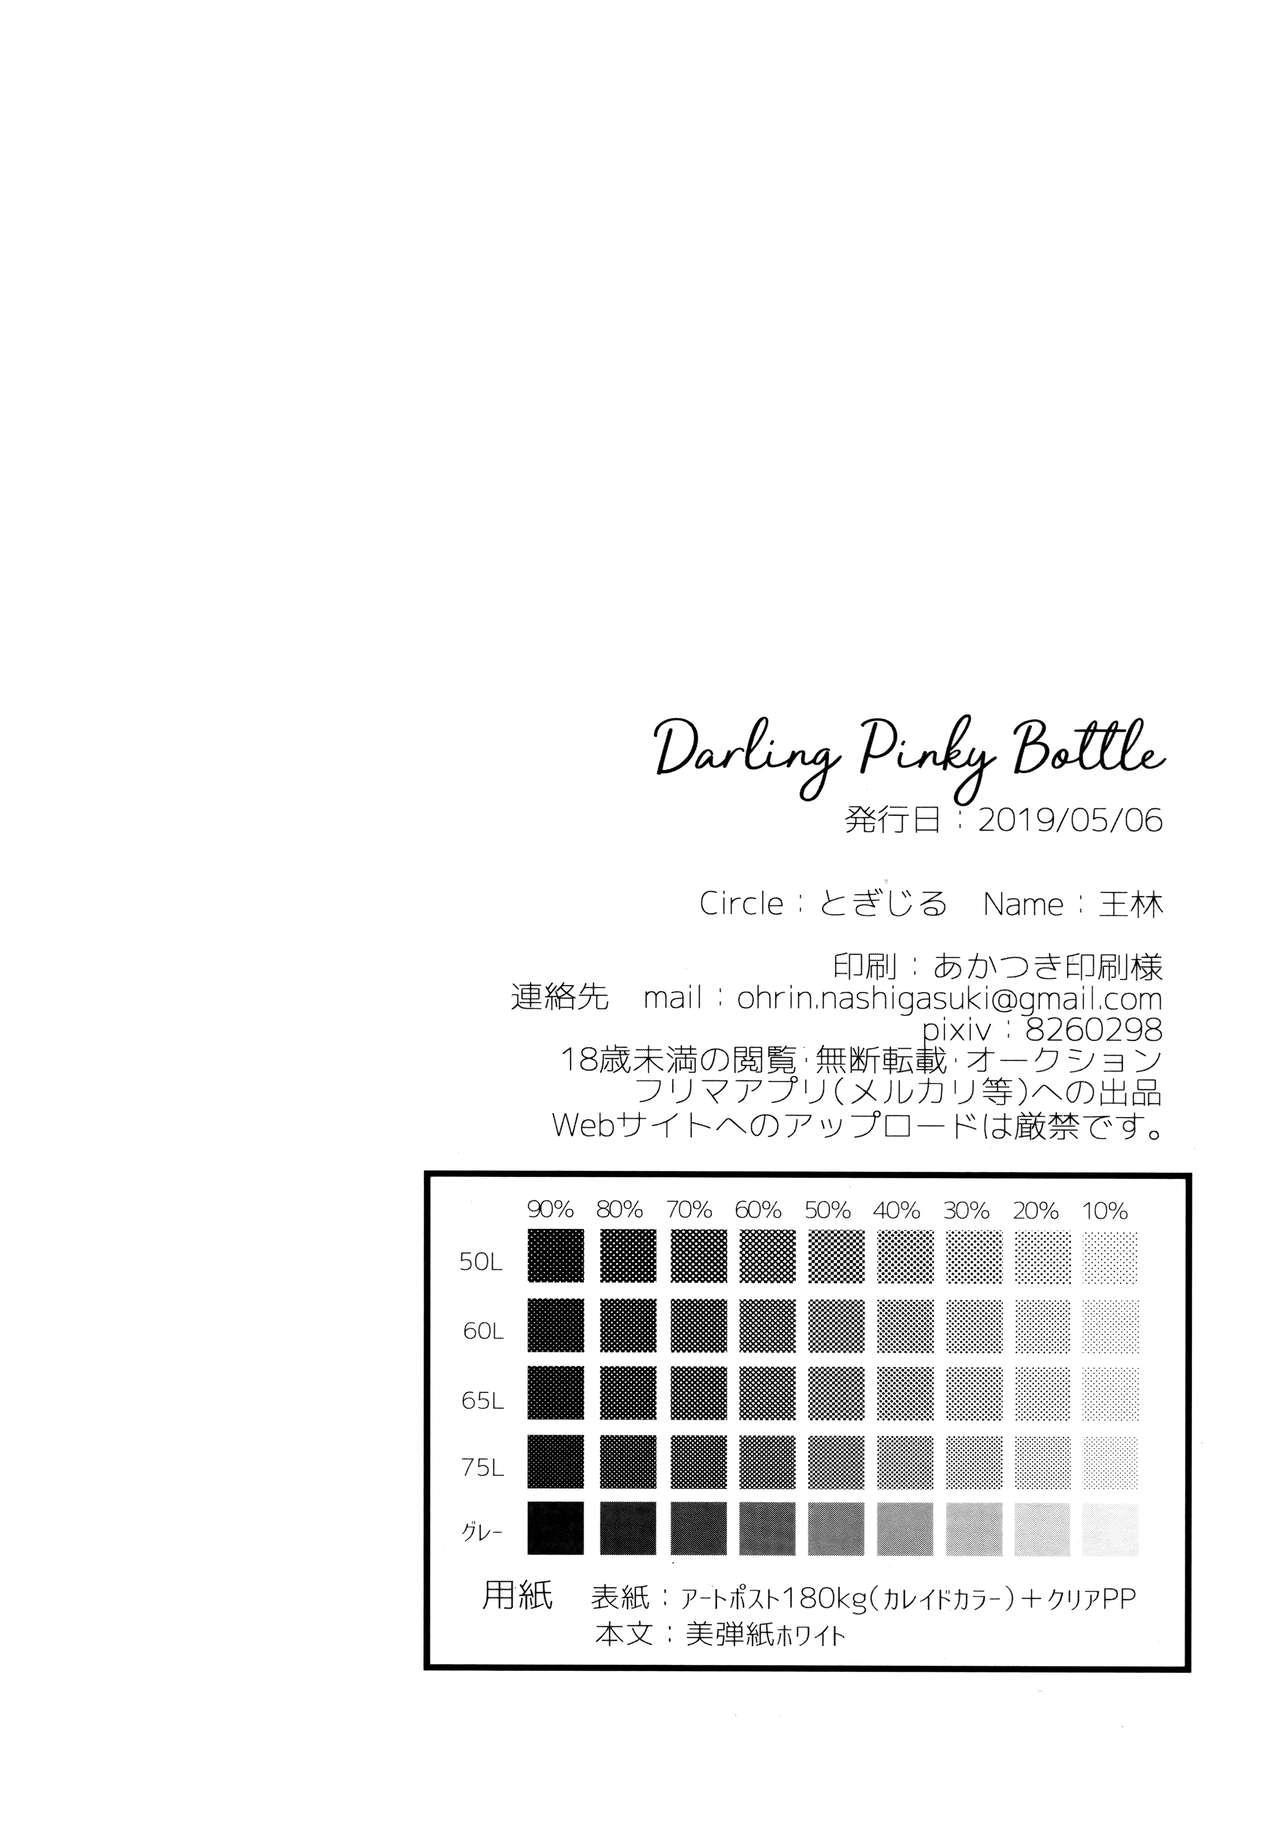 Darling Pinky Bottle 231